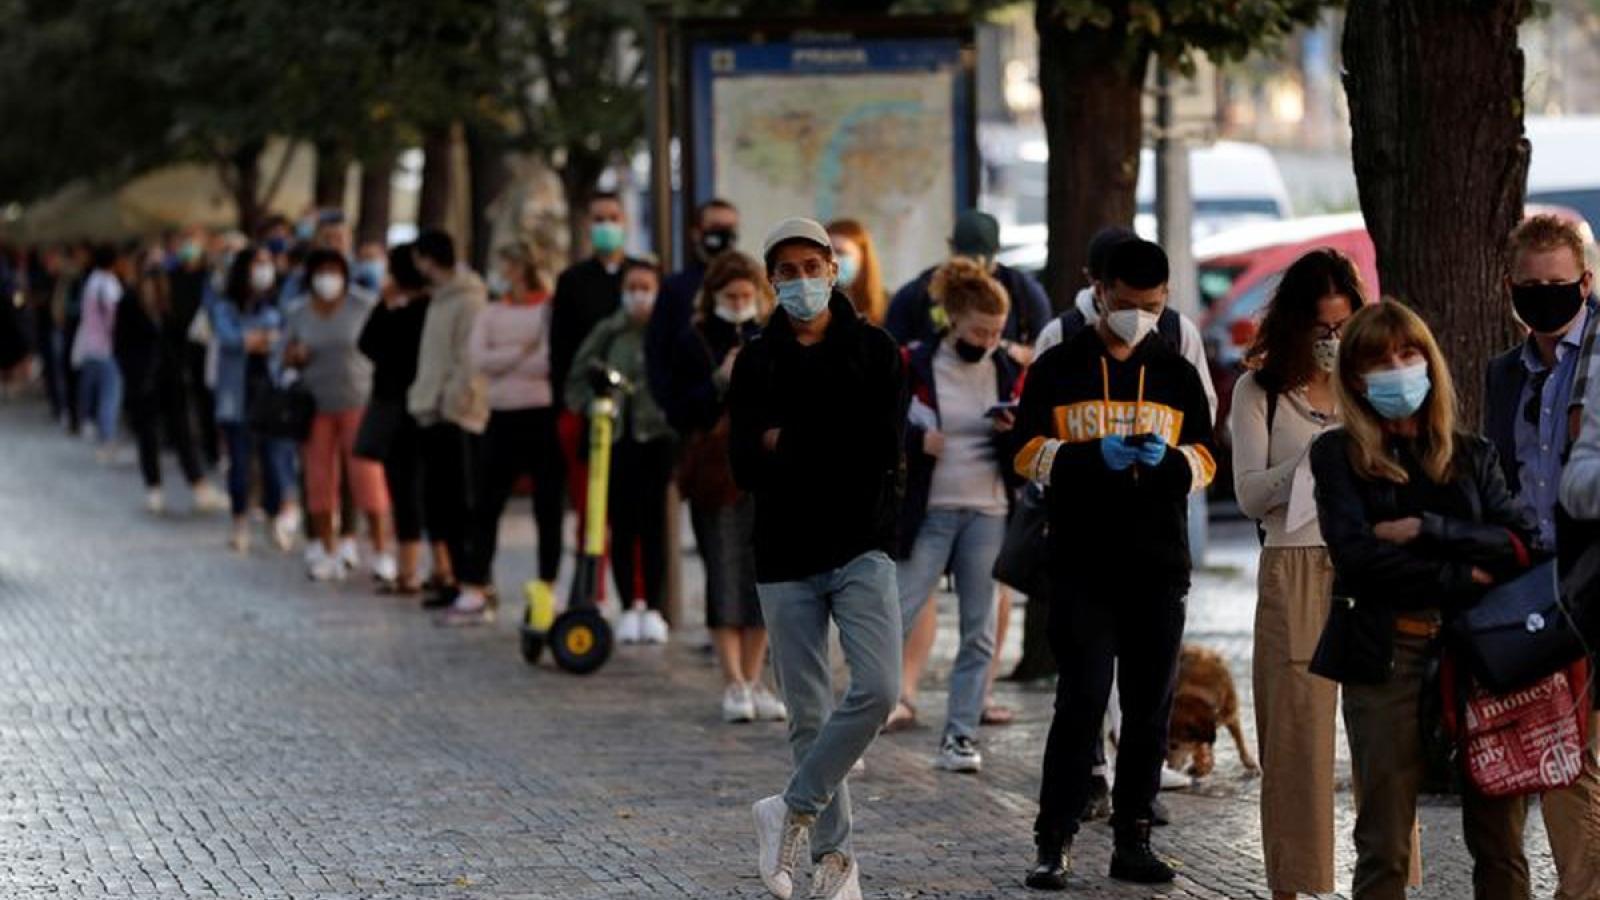 Séc là một trong ba nước có tỷ lệ lây nhiễm Covid-19 cao nhất châu Âu